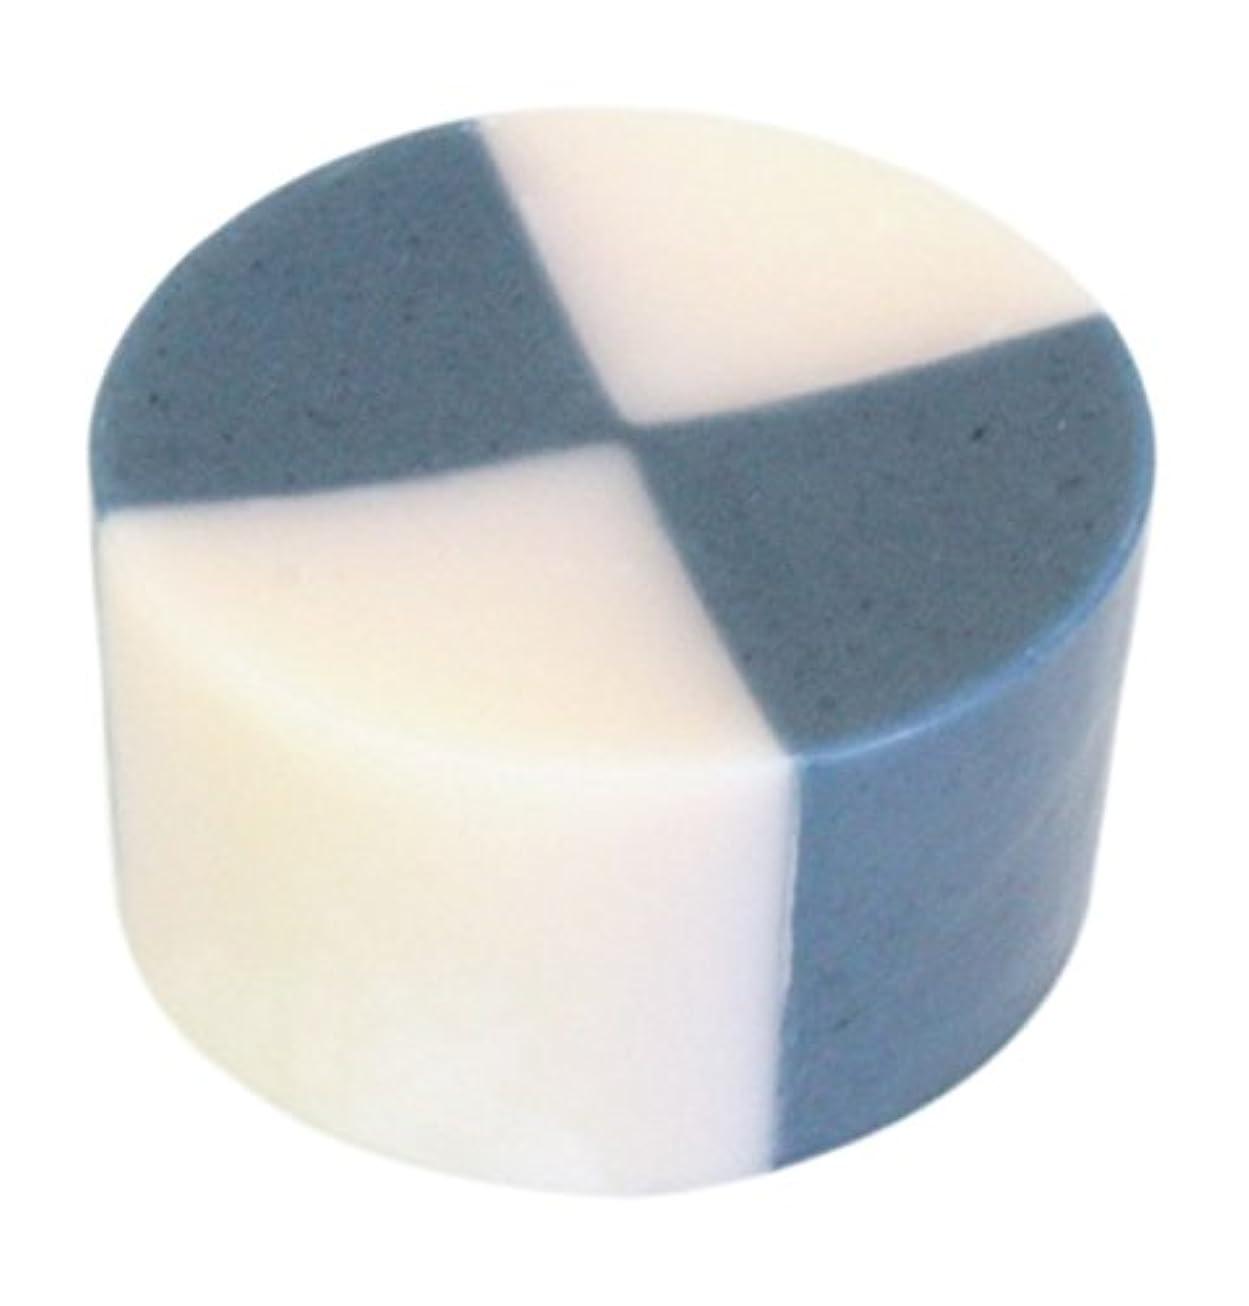 ドール動員する精通した藍色工房 藍染め石けん「いちまつ」(60g)